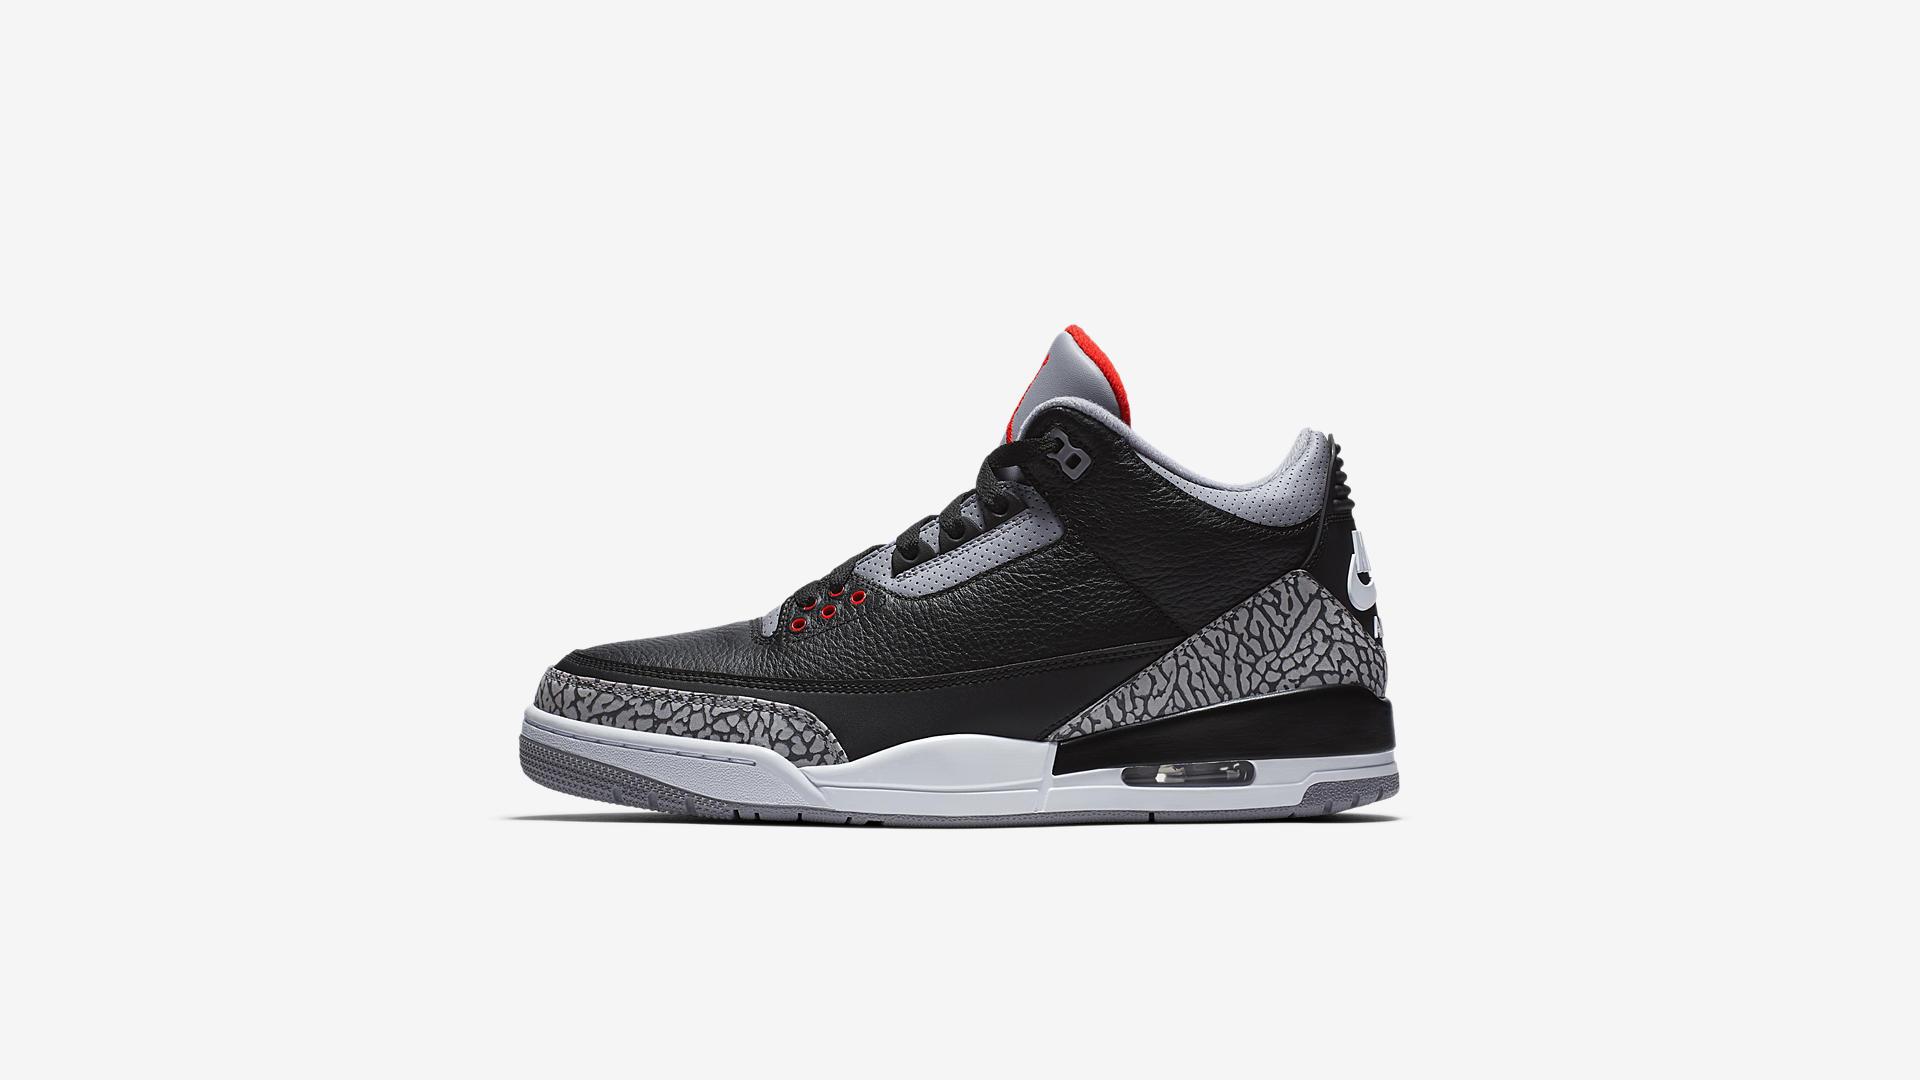 854262 001 Air Jordan 3 Black Cement 5